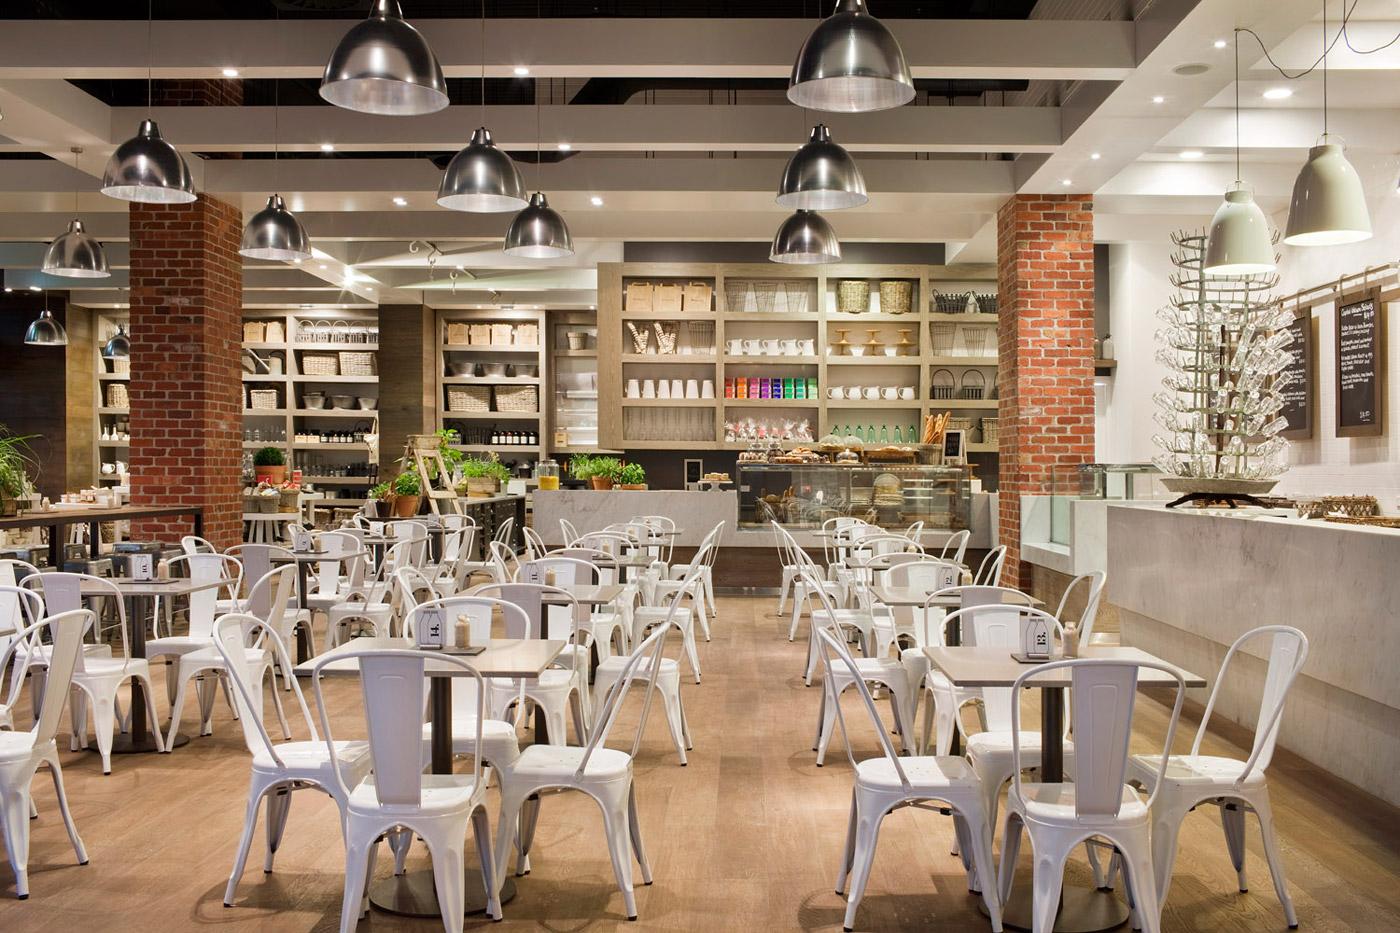 capital kitchen : cornwell : brand and communications / bench.li